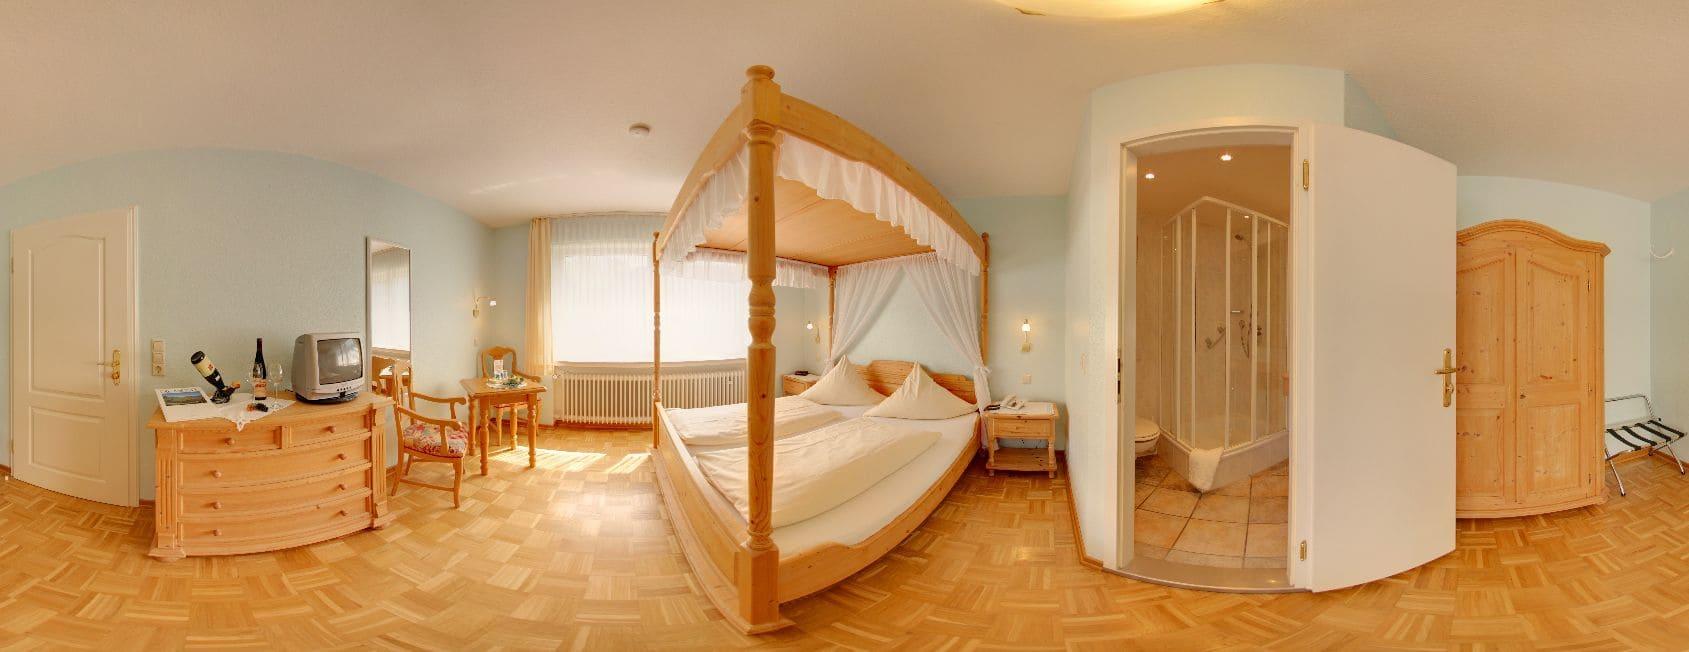 Himmelbetten in der Moselpension Villa Tummelchen